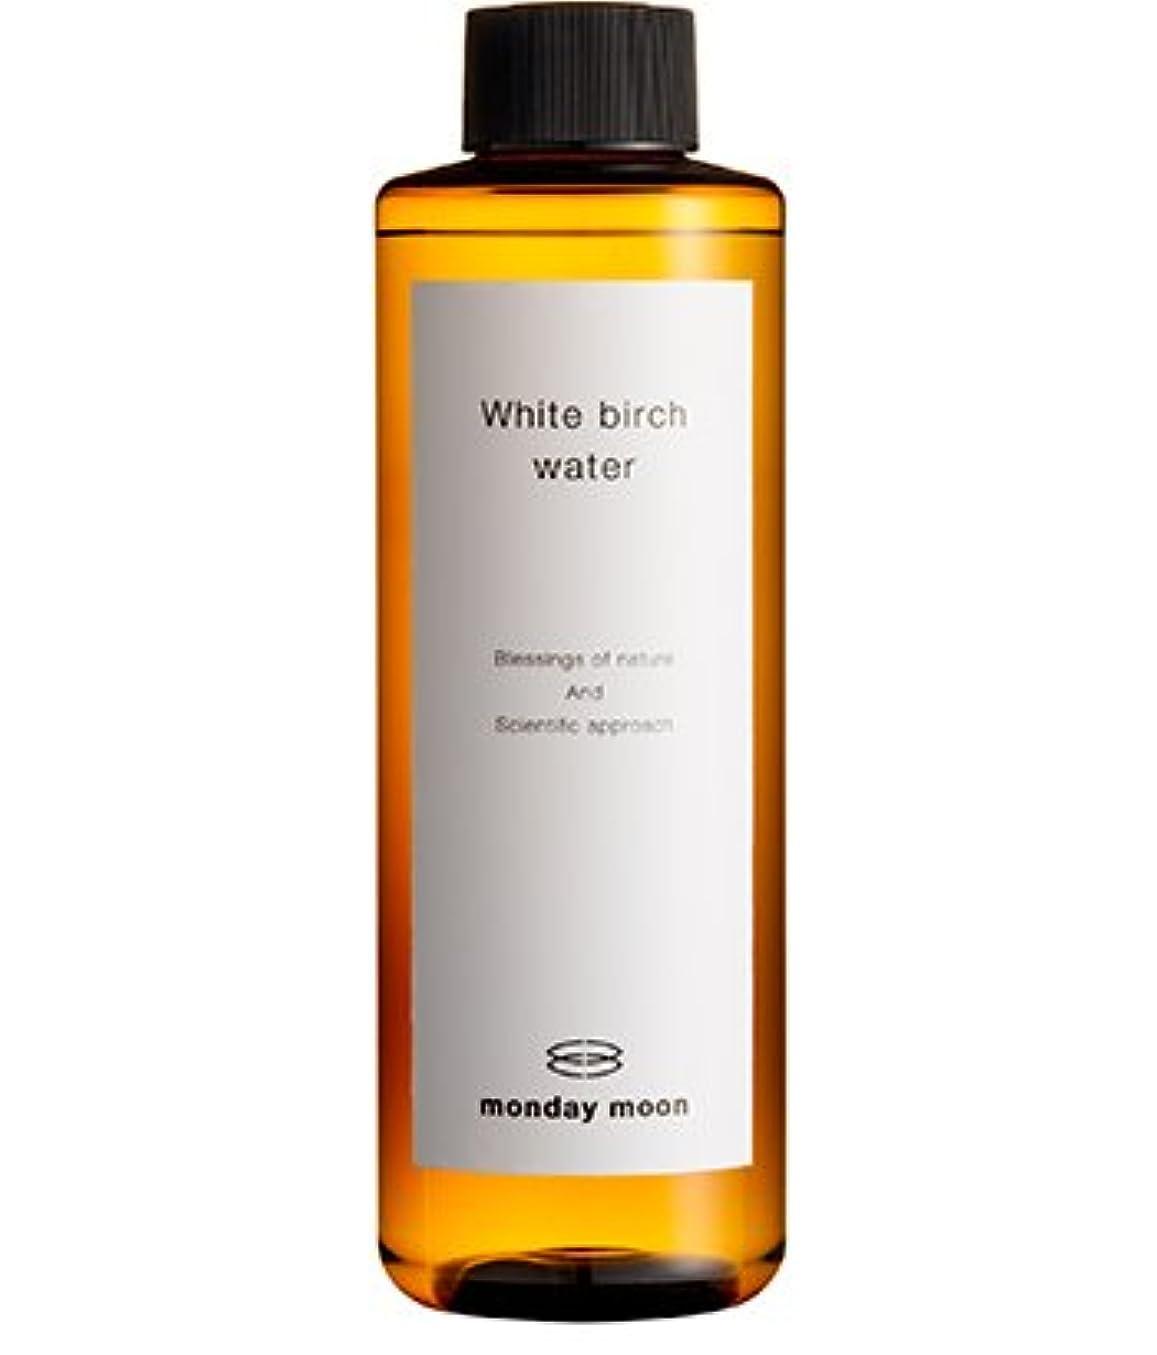 批判的に滅びる液化するホワイトバーチウォーター/200ml